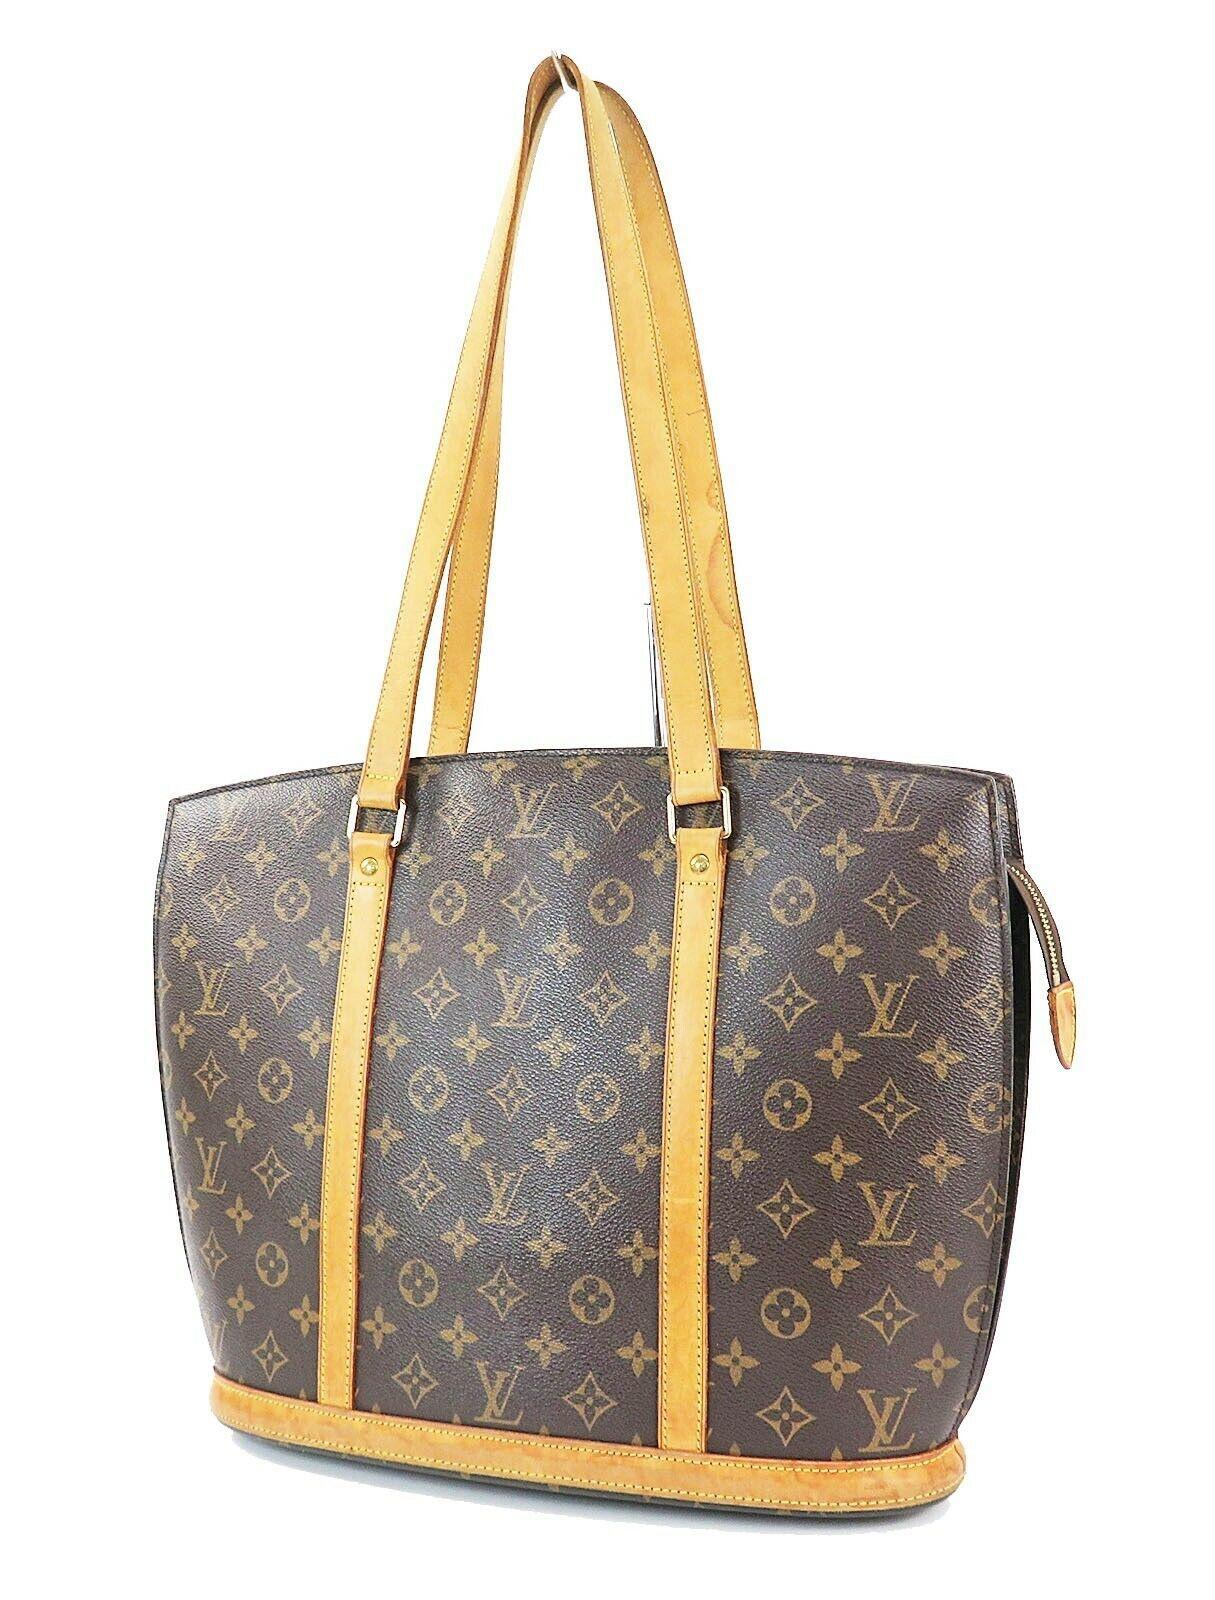 0bbeab553440 57. 57. Previous. Authentic LOUIS VUITTON Babylone Monogram Shoulder Tote  Bag Purse  31995. Authentic LOUIS VUITTON ...